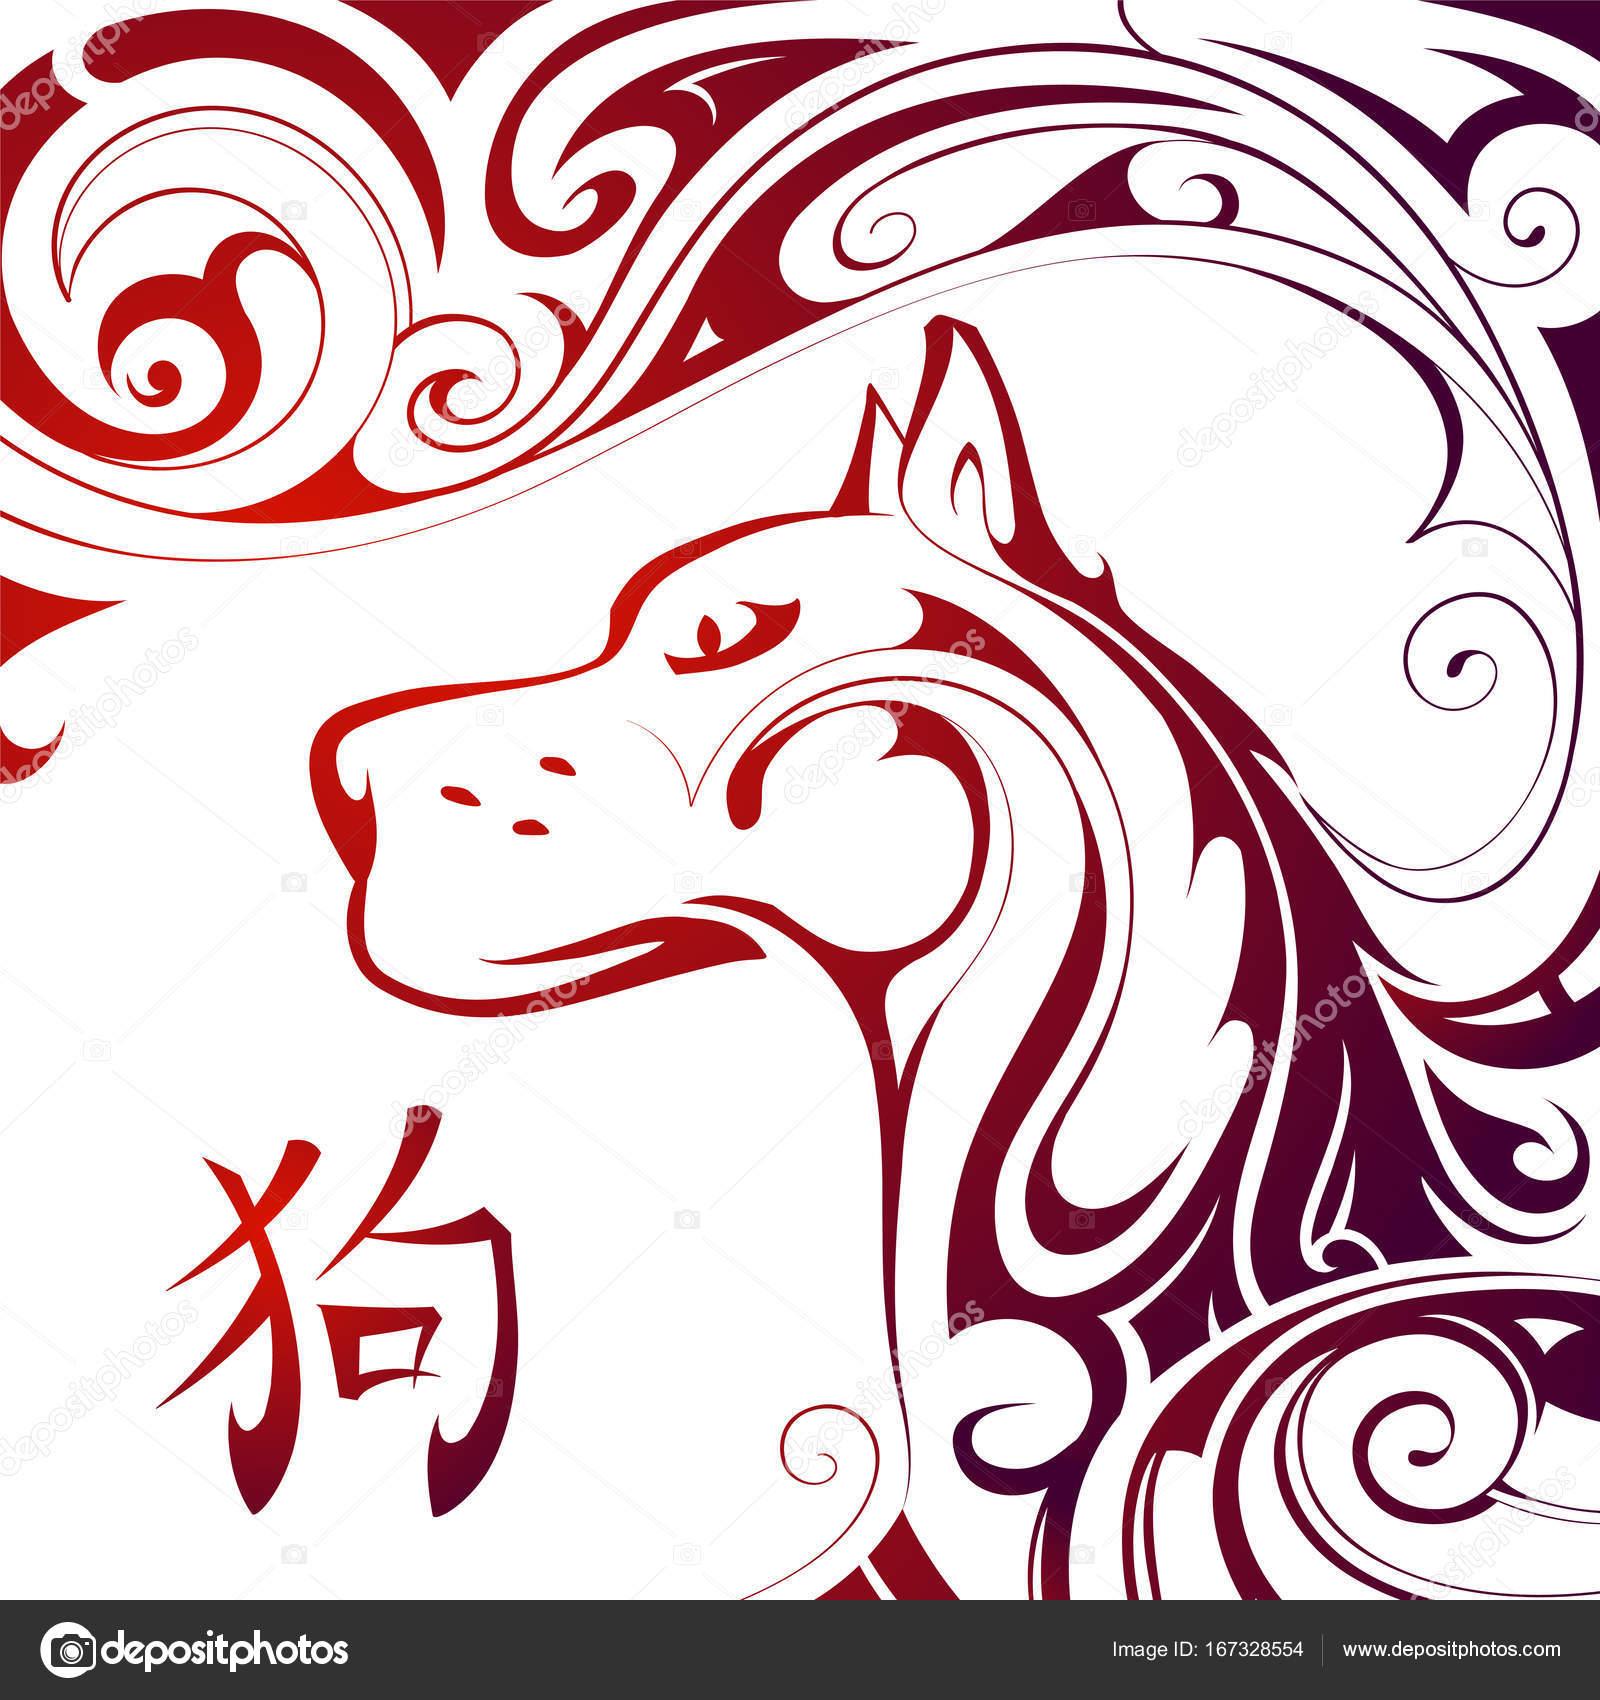 Símbolo de Horóscopo chino año nuevo 2018 perro — Archivo Imágenes  Vectoriales